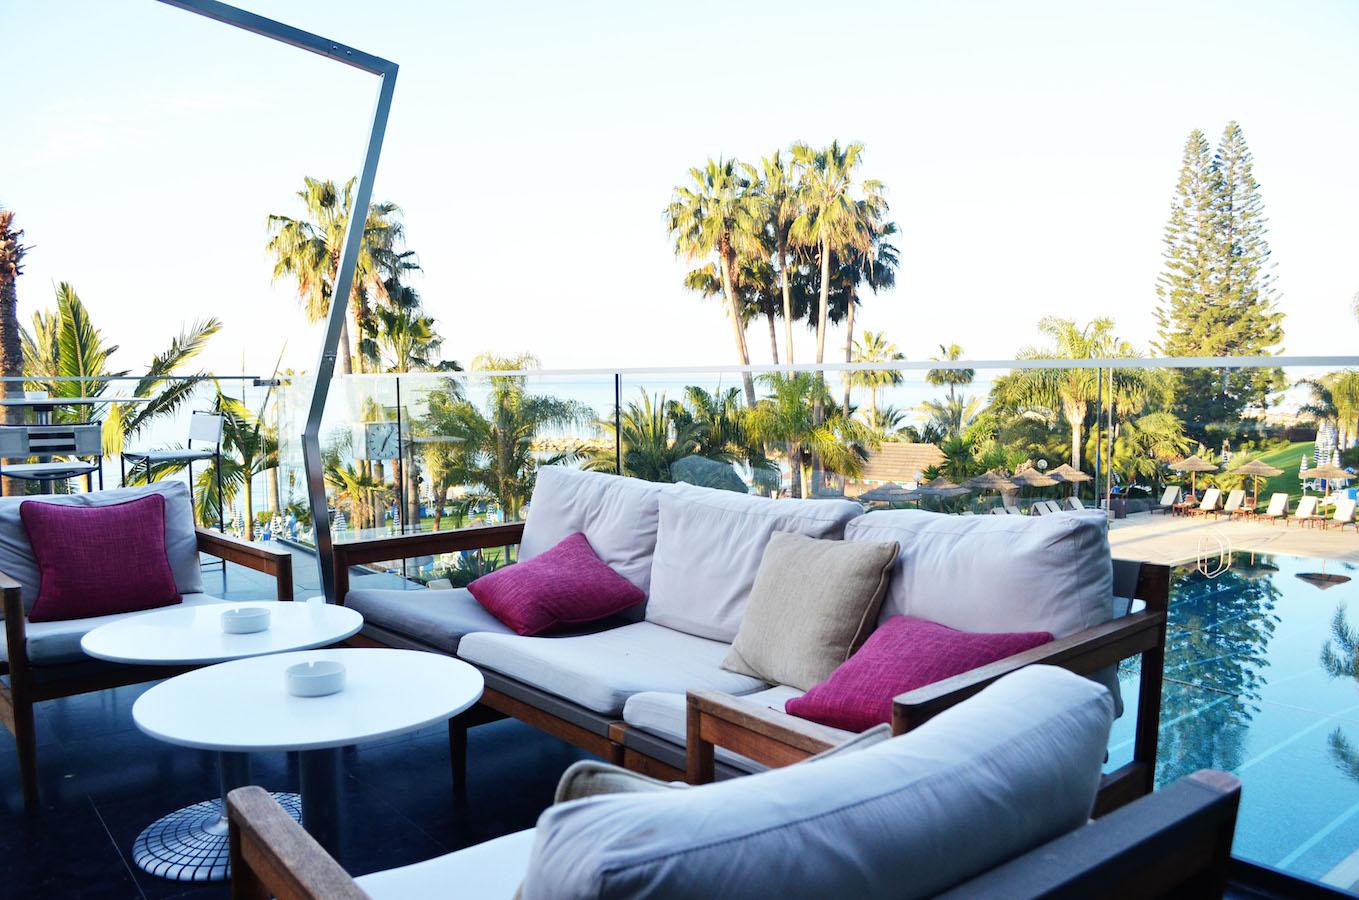 Amathus Beach Hotel, Zypern | © individualicious